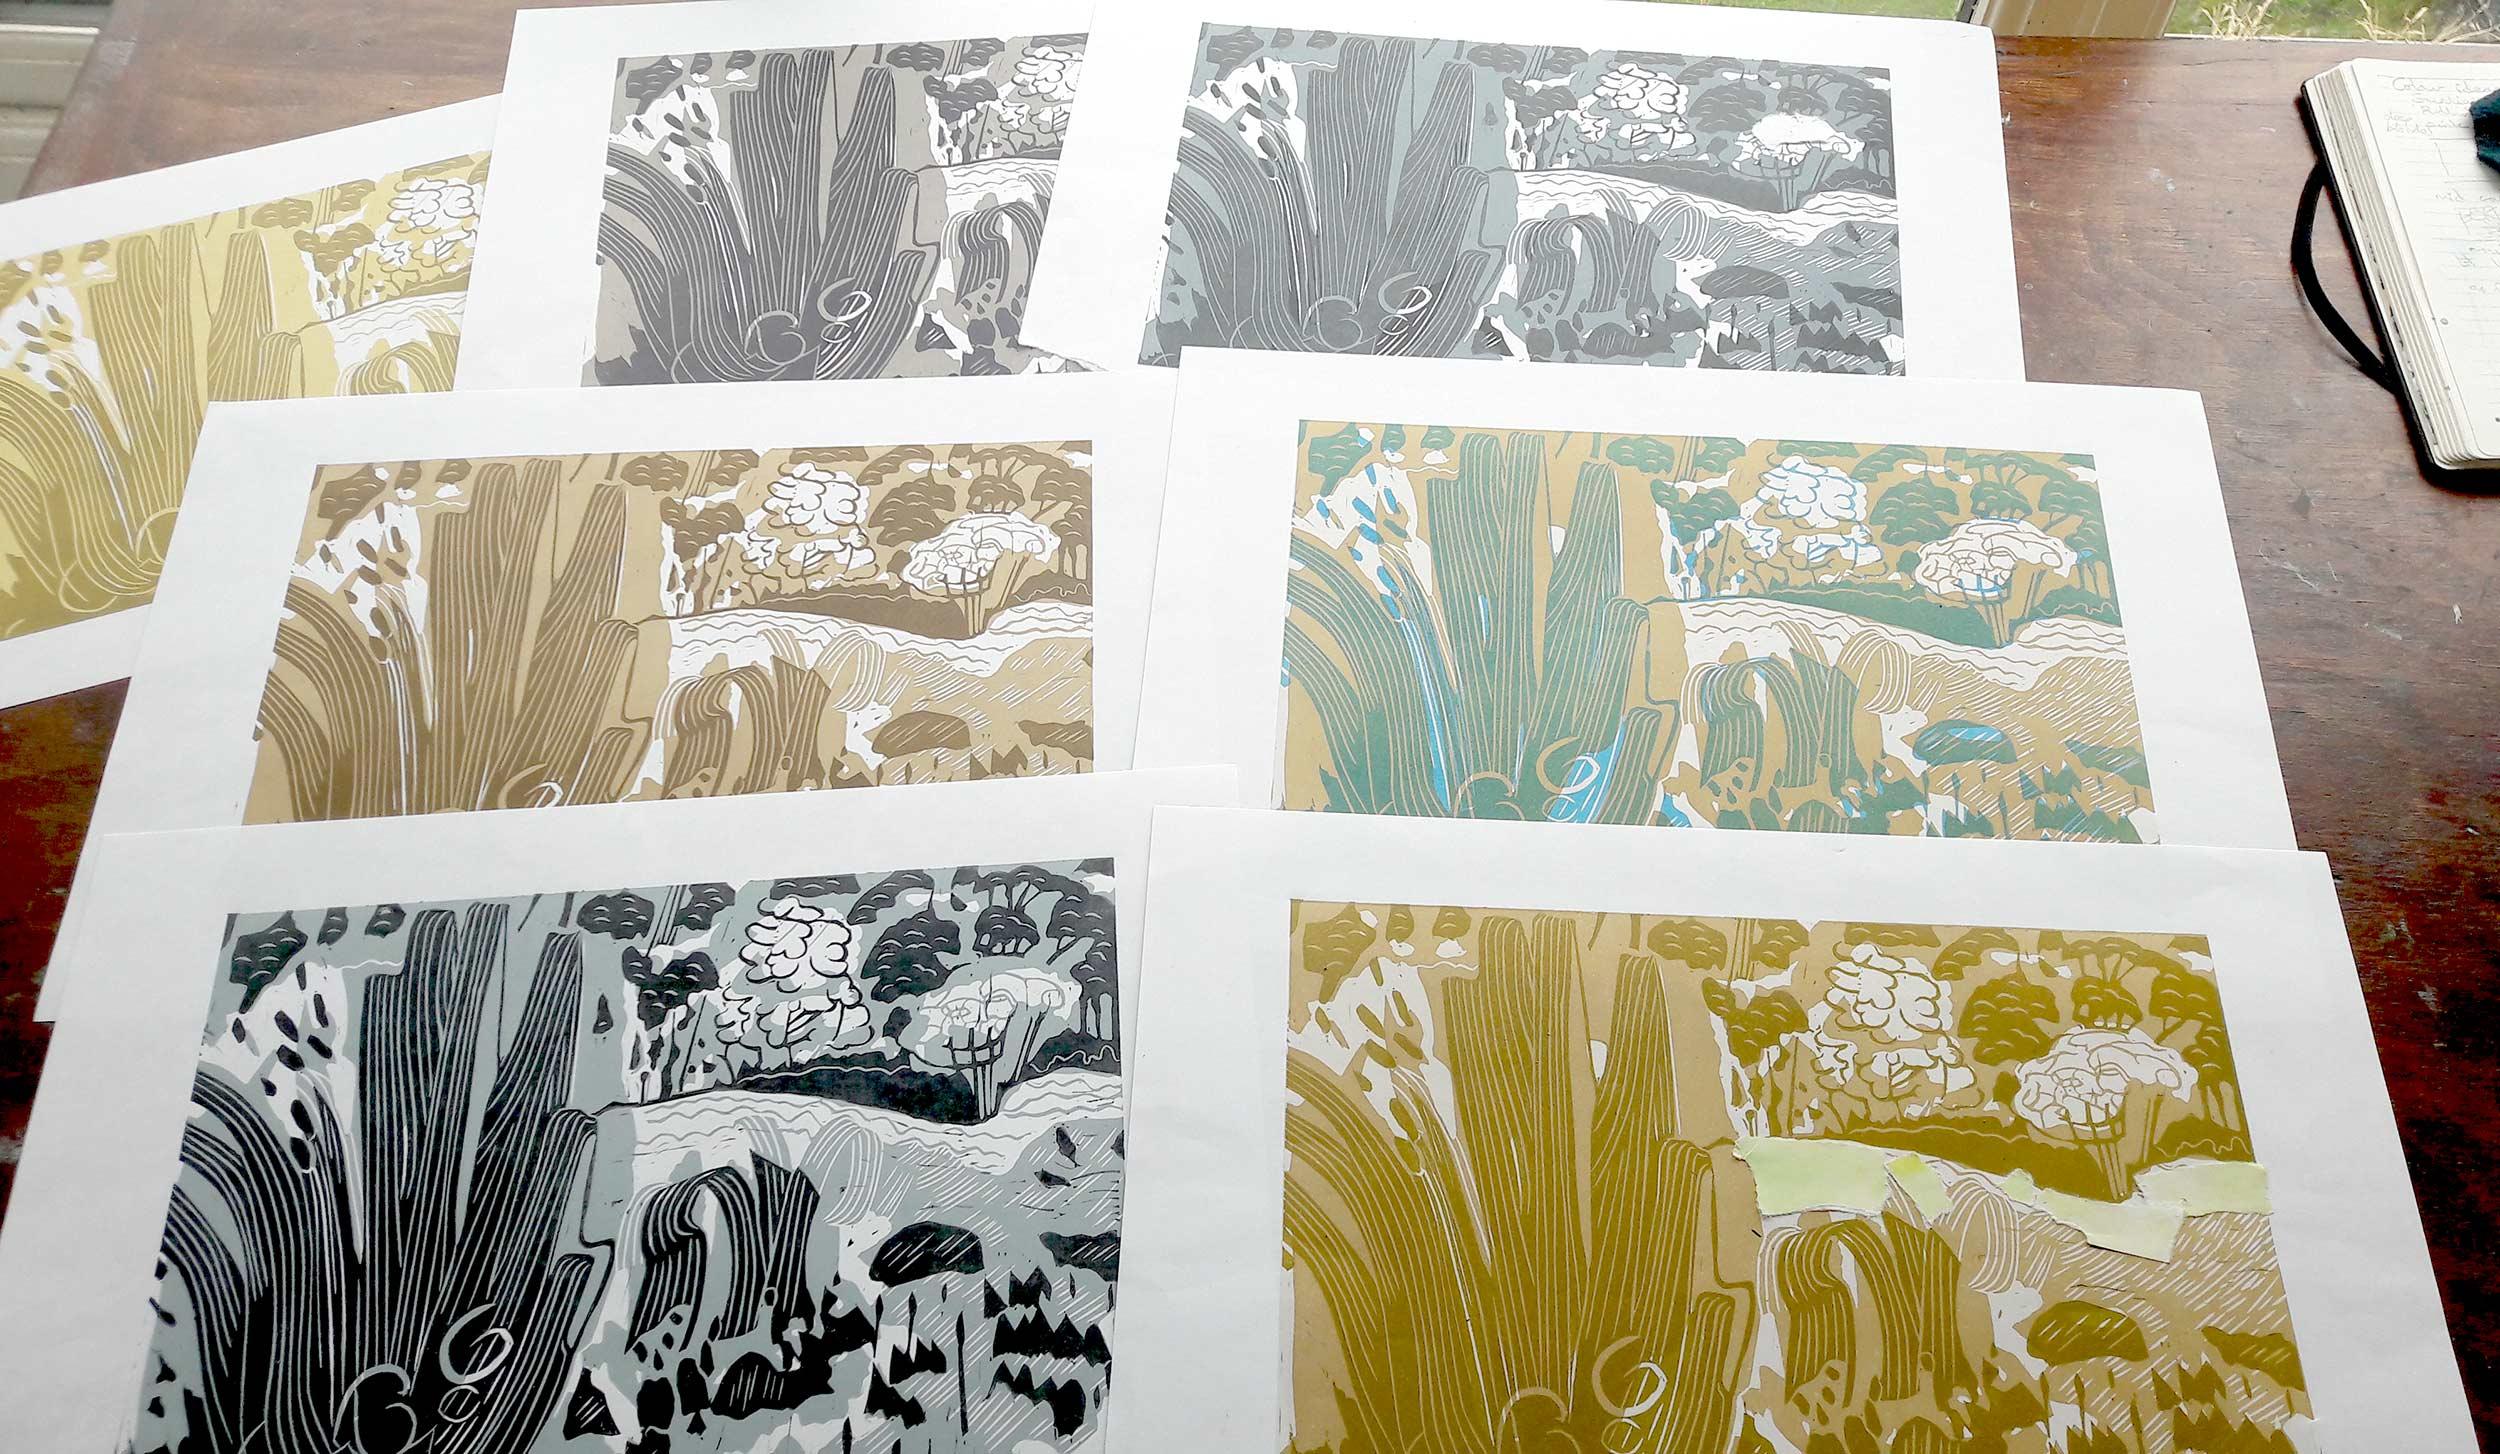 process-lino-printing-06.jpg